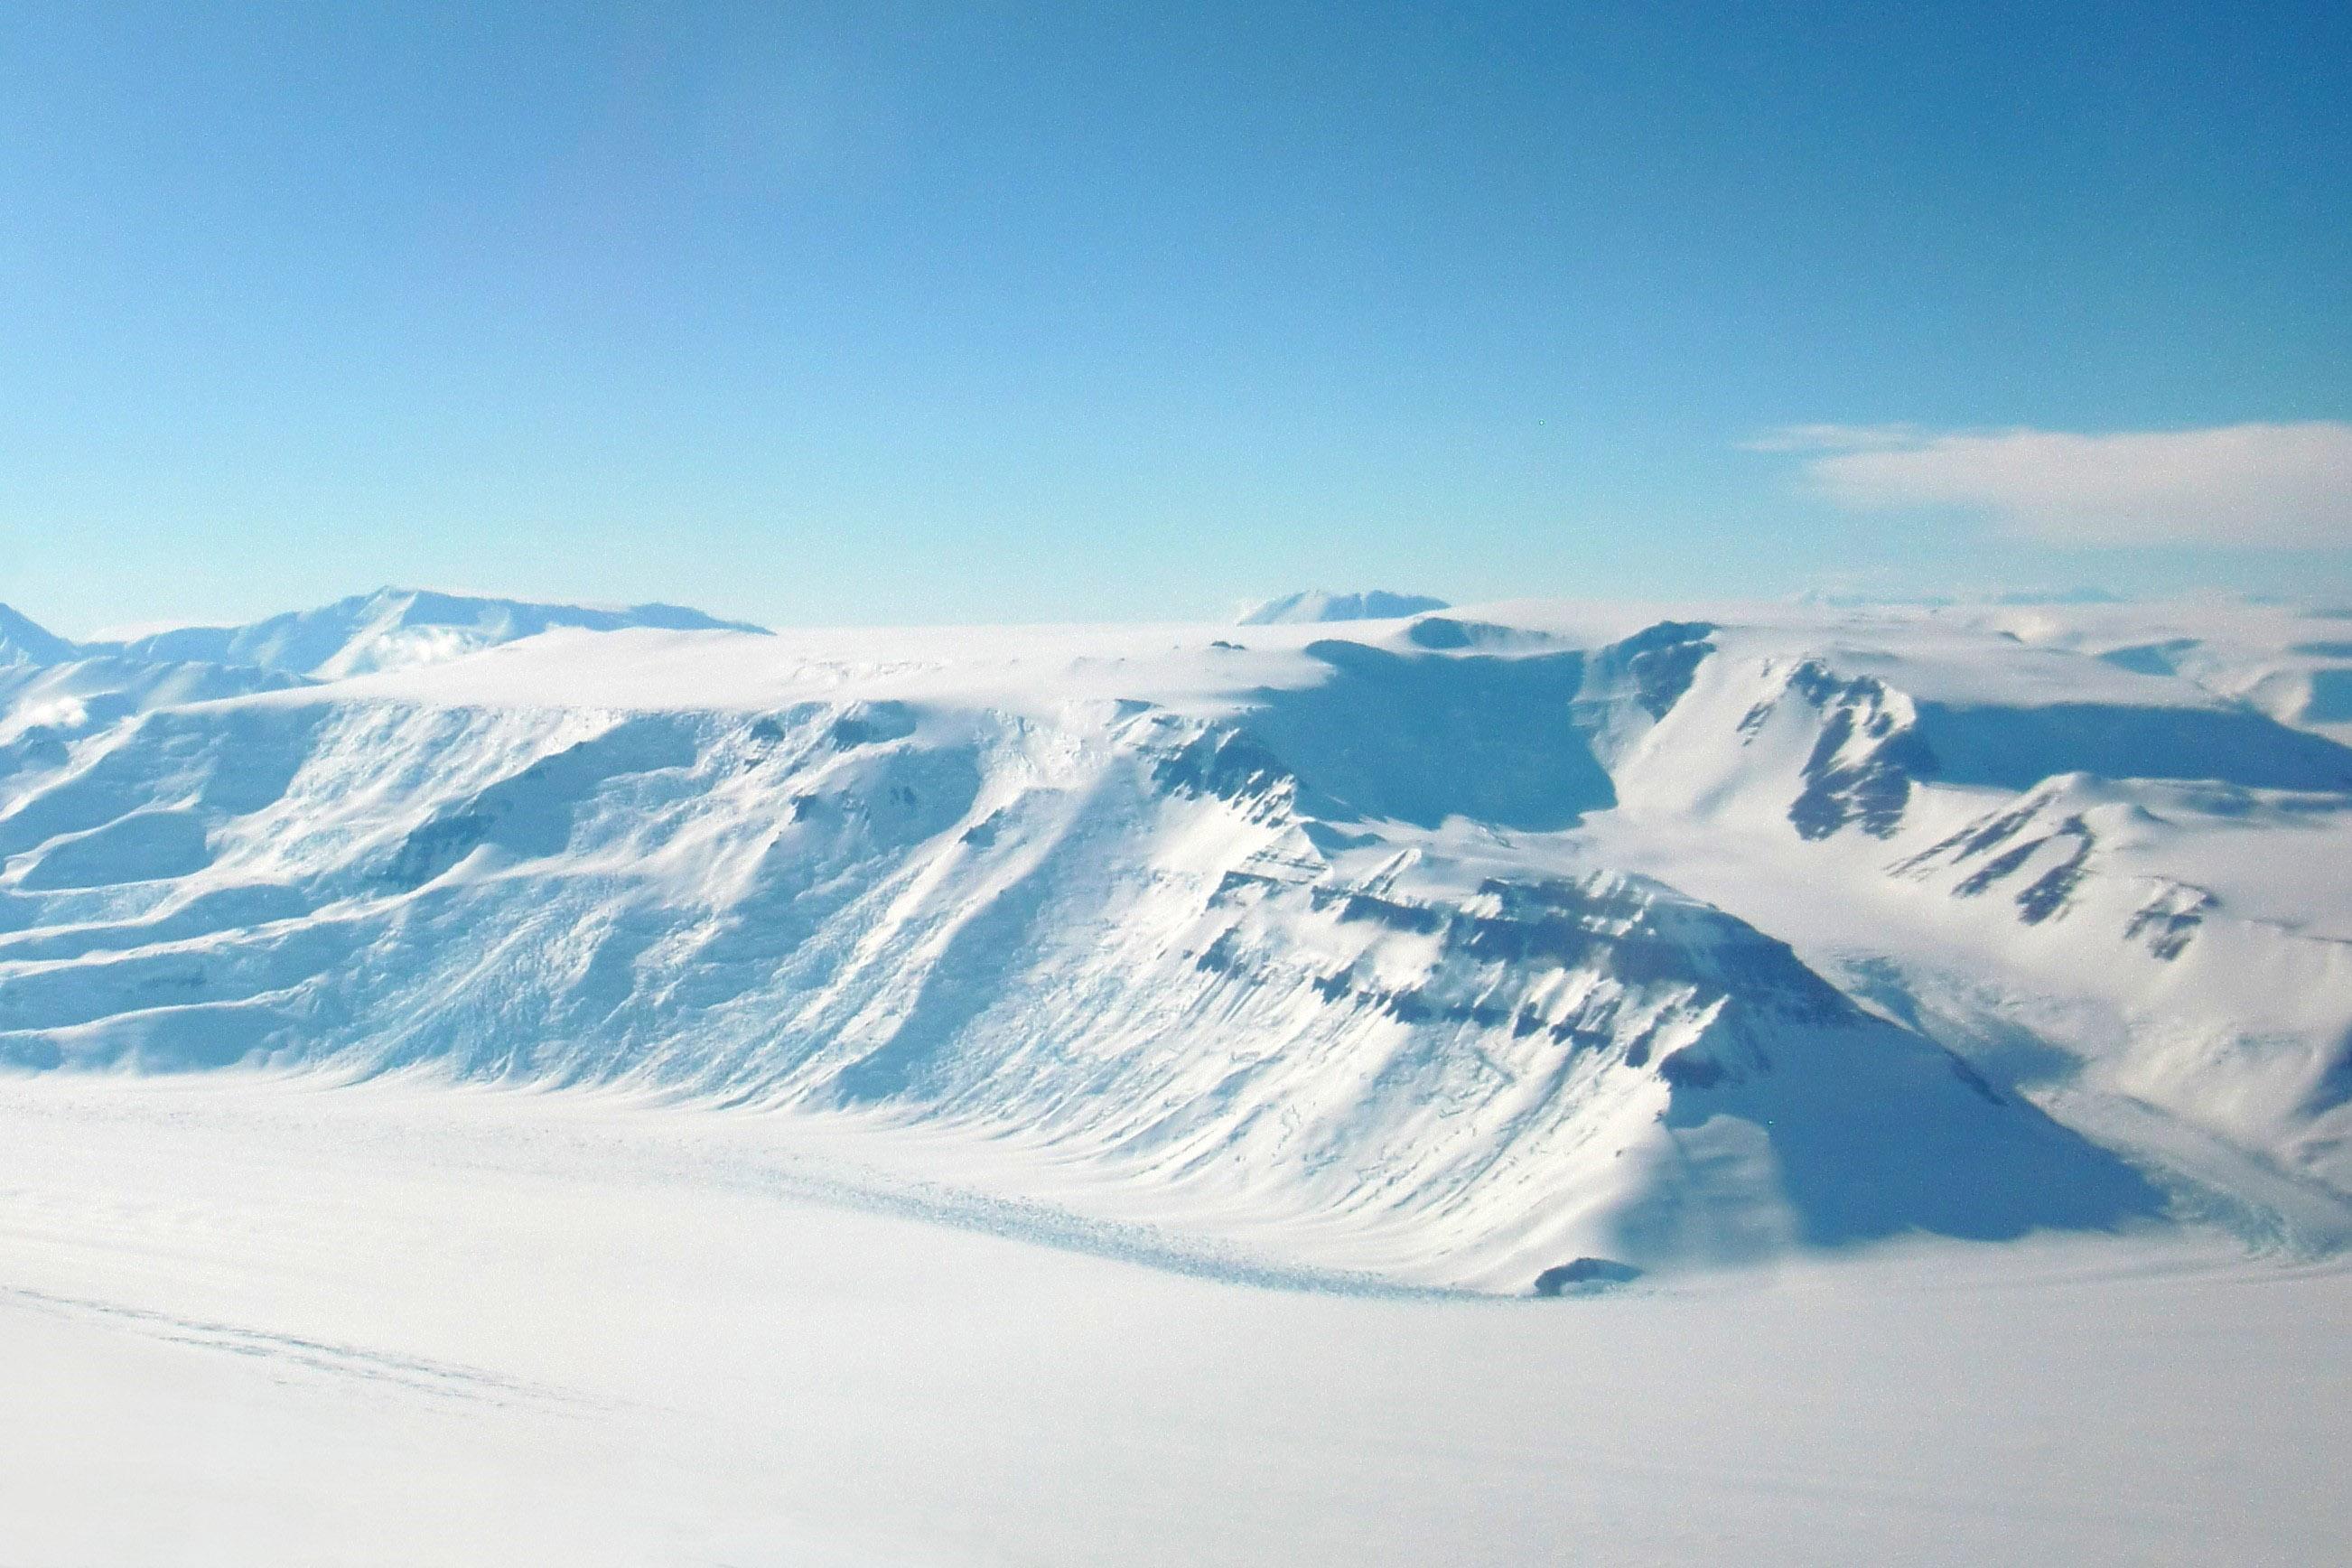 Antarctica courtesy of Lauren Adamo